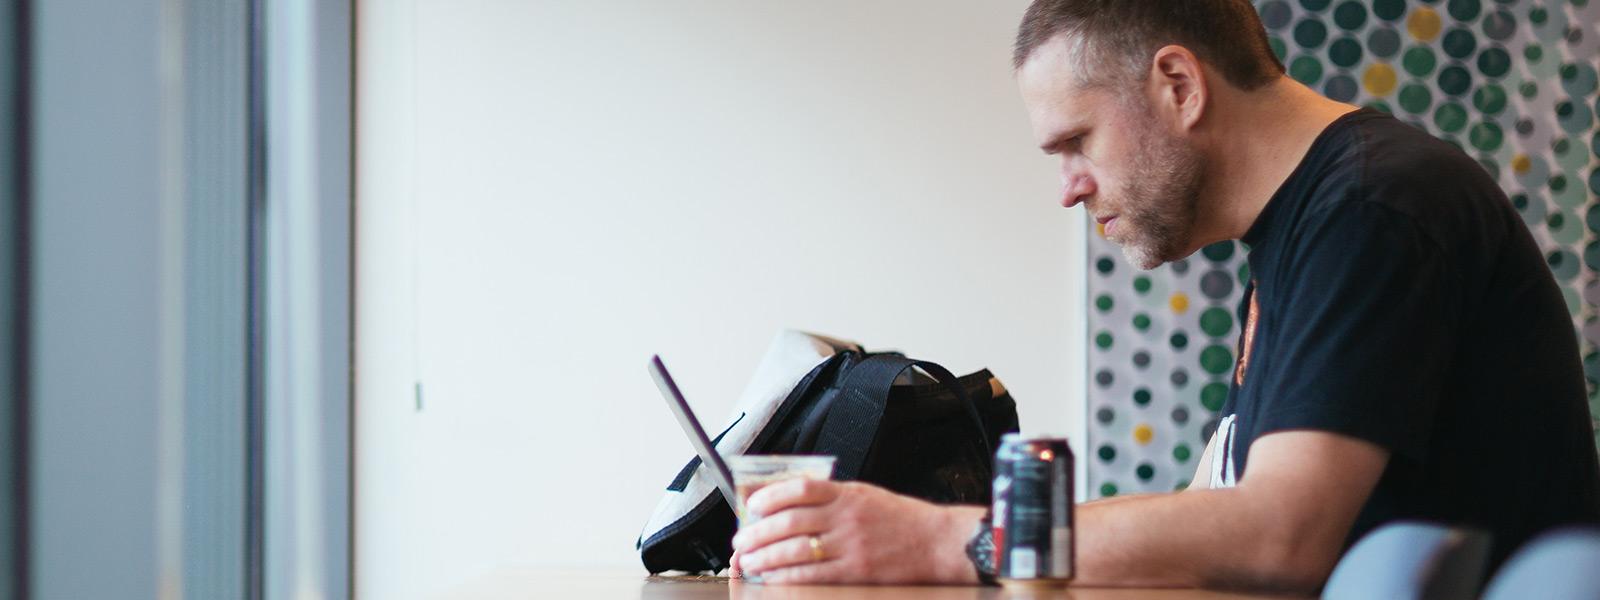 En man sitter vid ett skrivbord och arbetar med sin Windows 10-dator